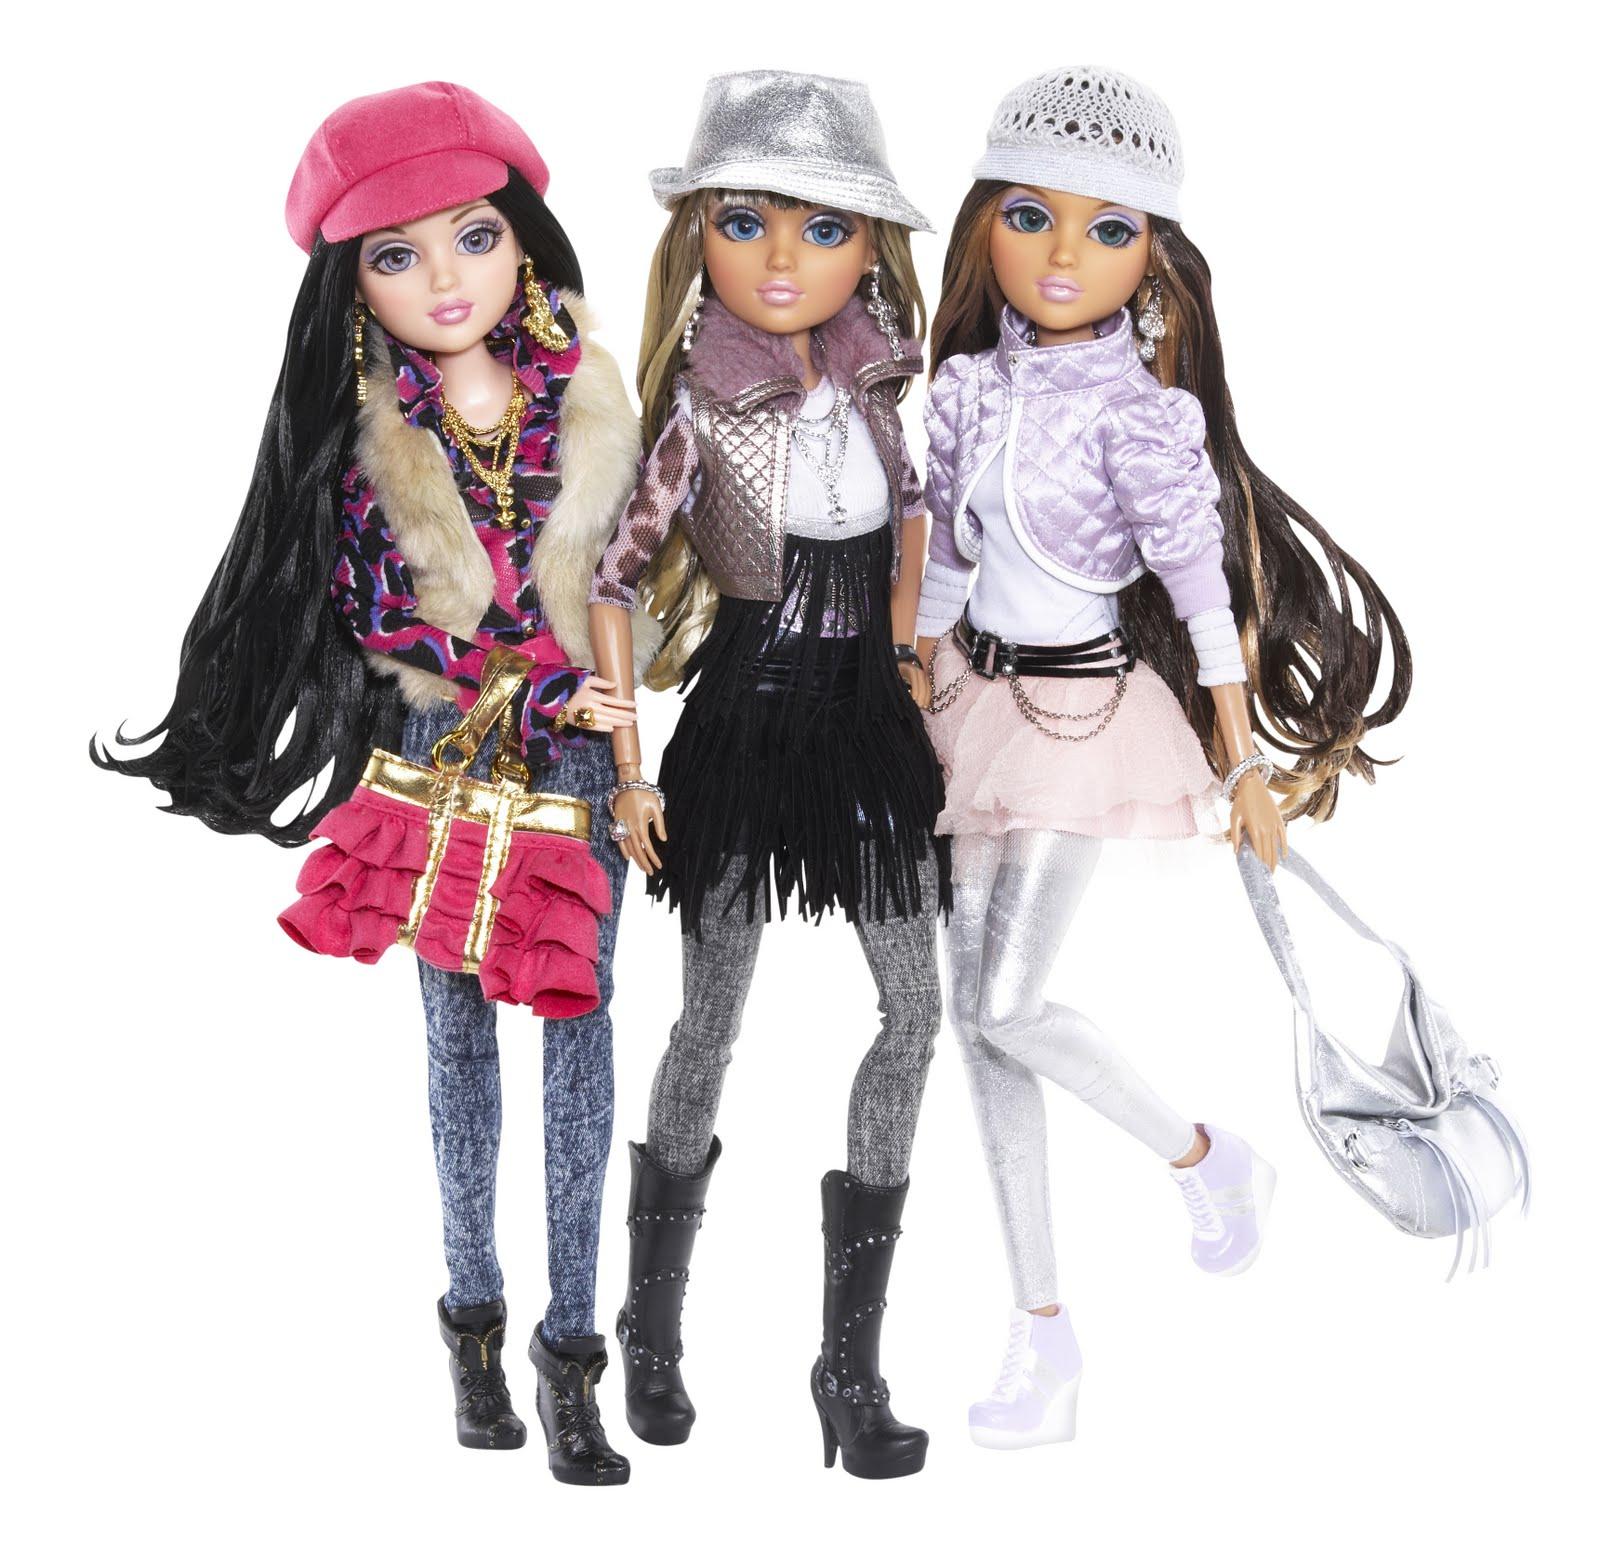 Fashion doll studio abril 2013 - Moxie girlz pagine da colorare ...